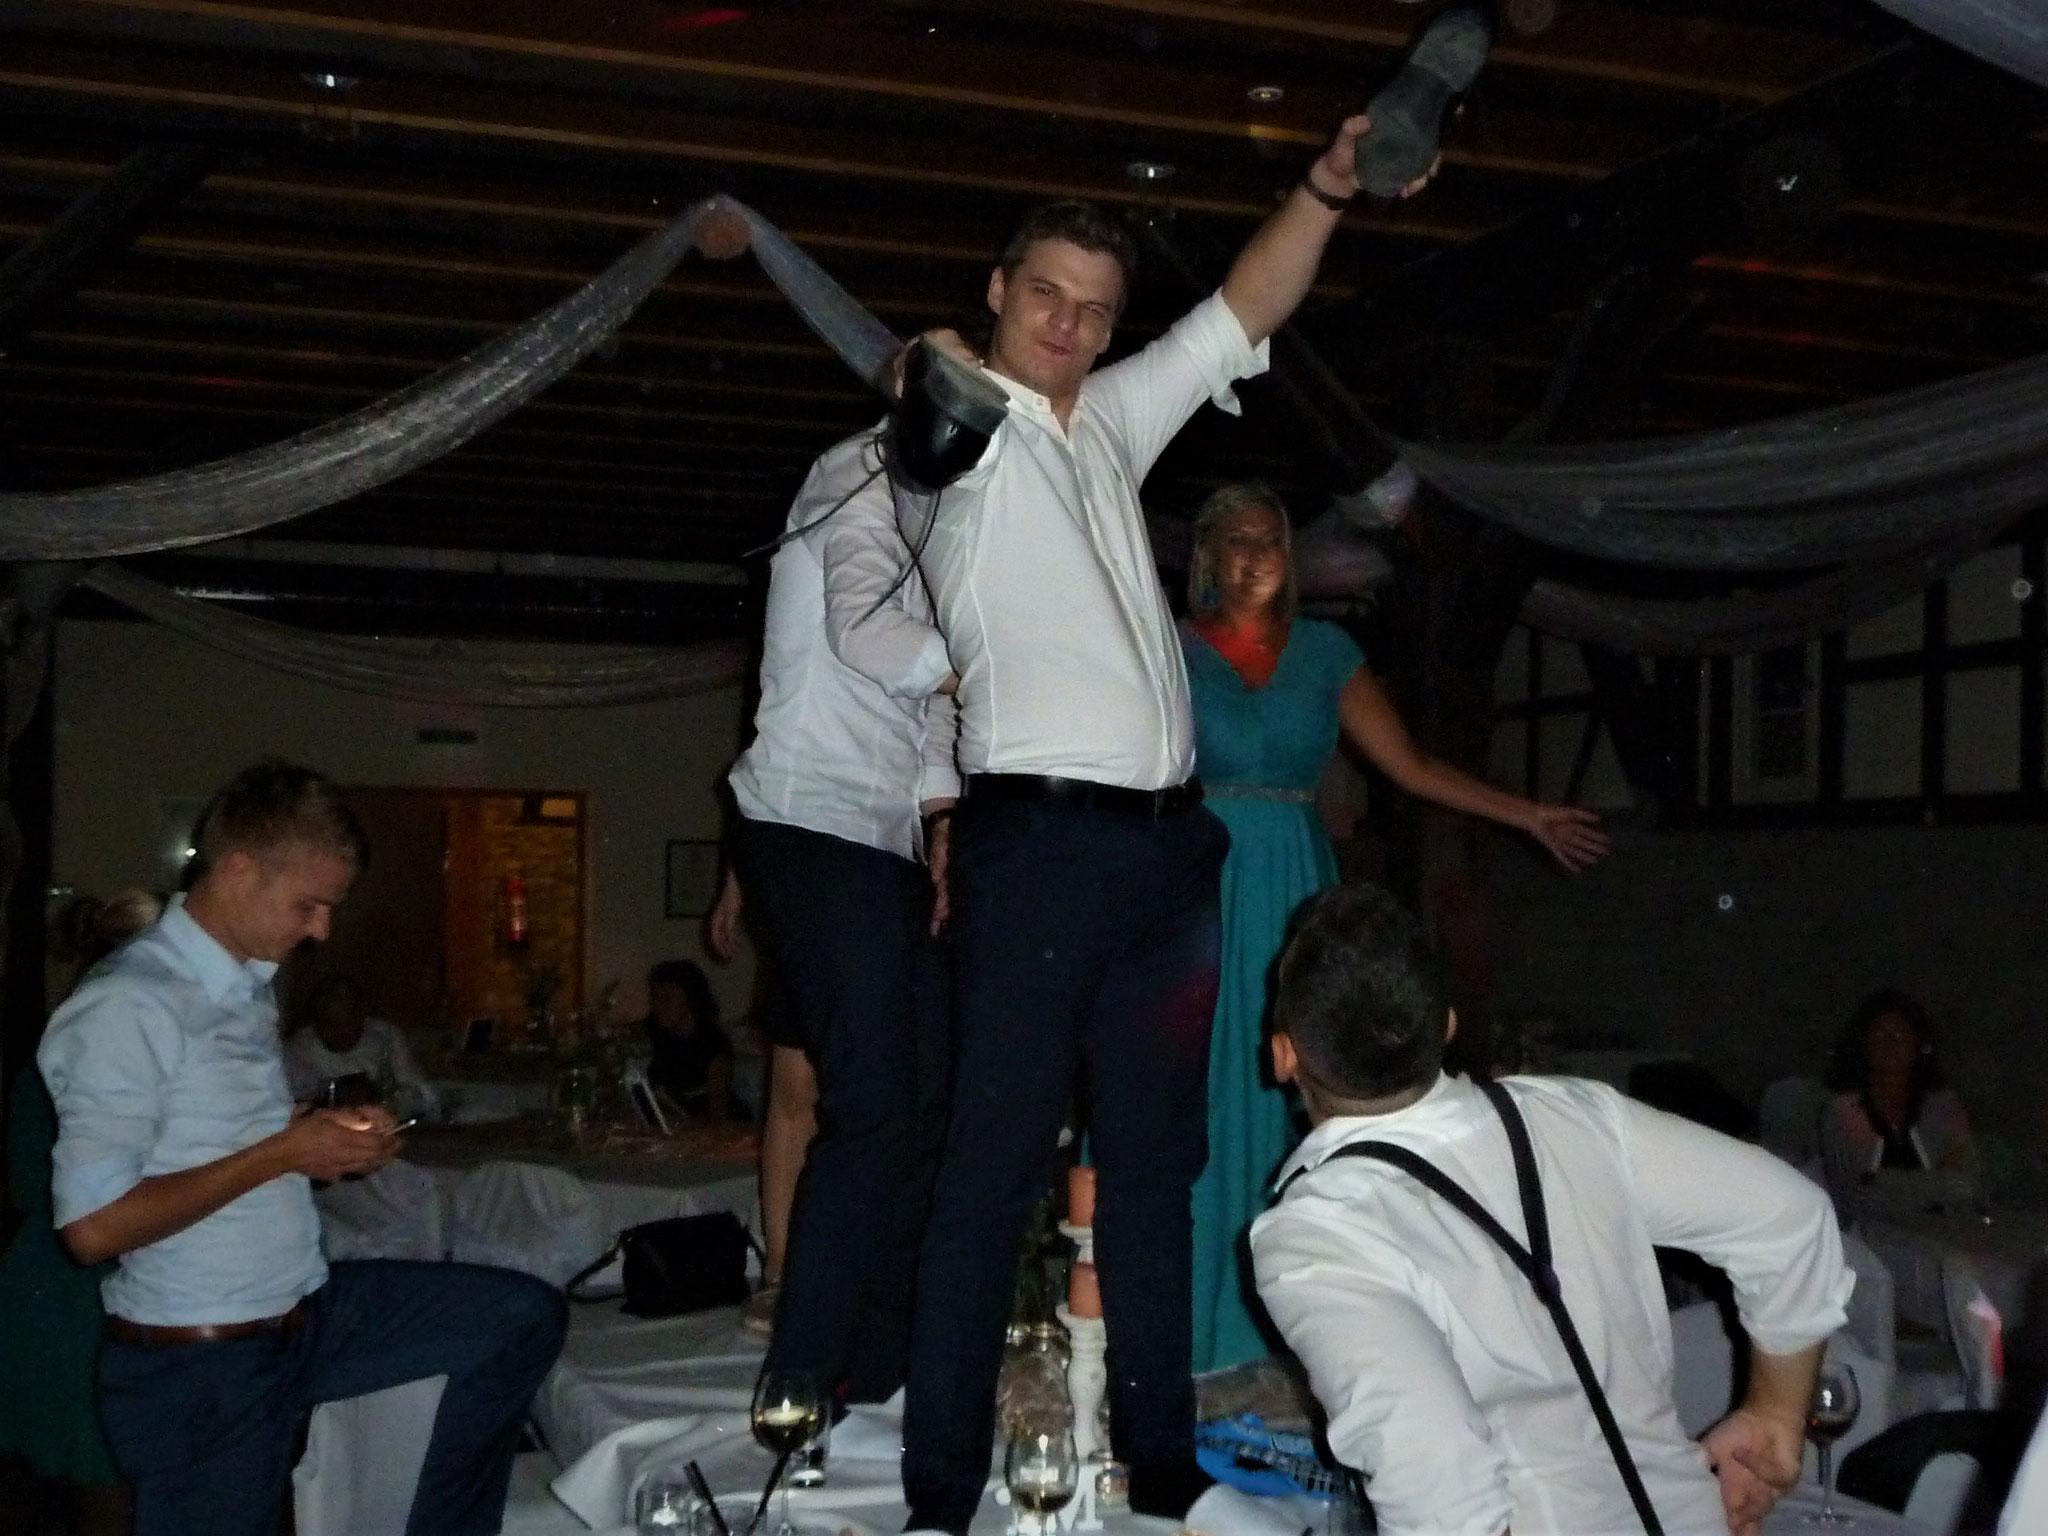 auch die Tische wurden zur Tanzfläche